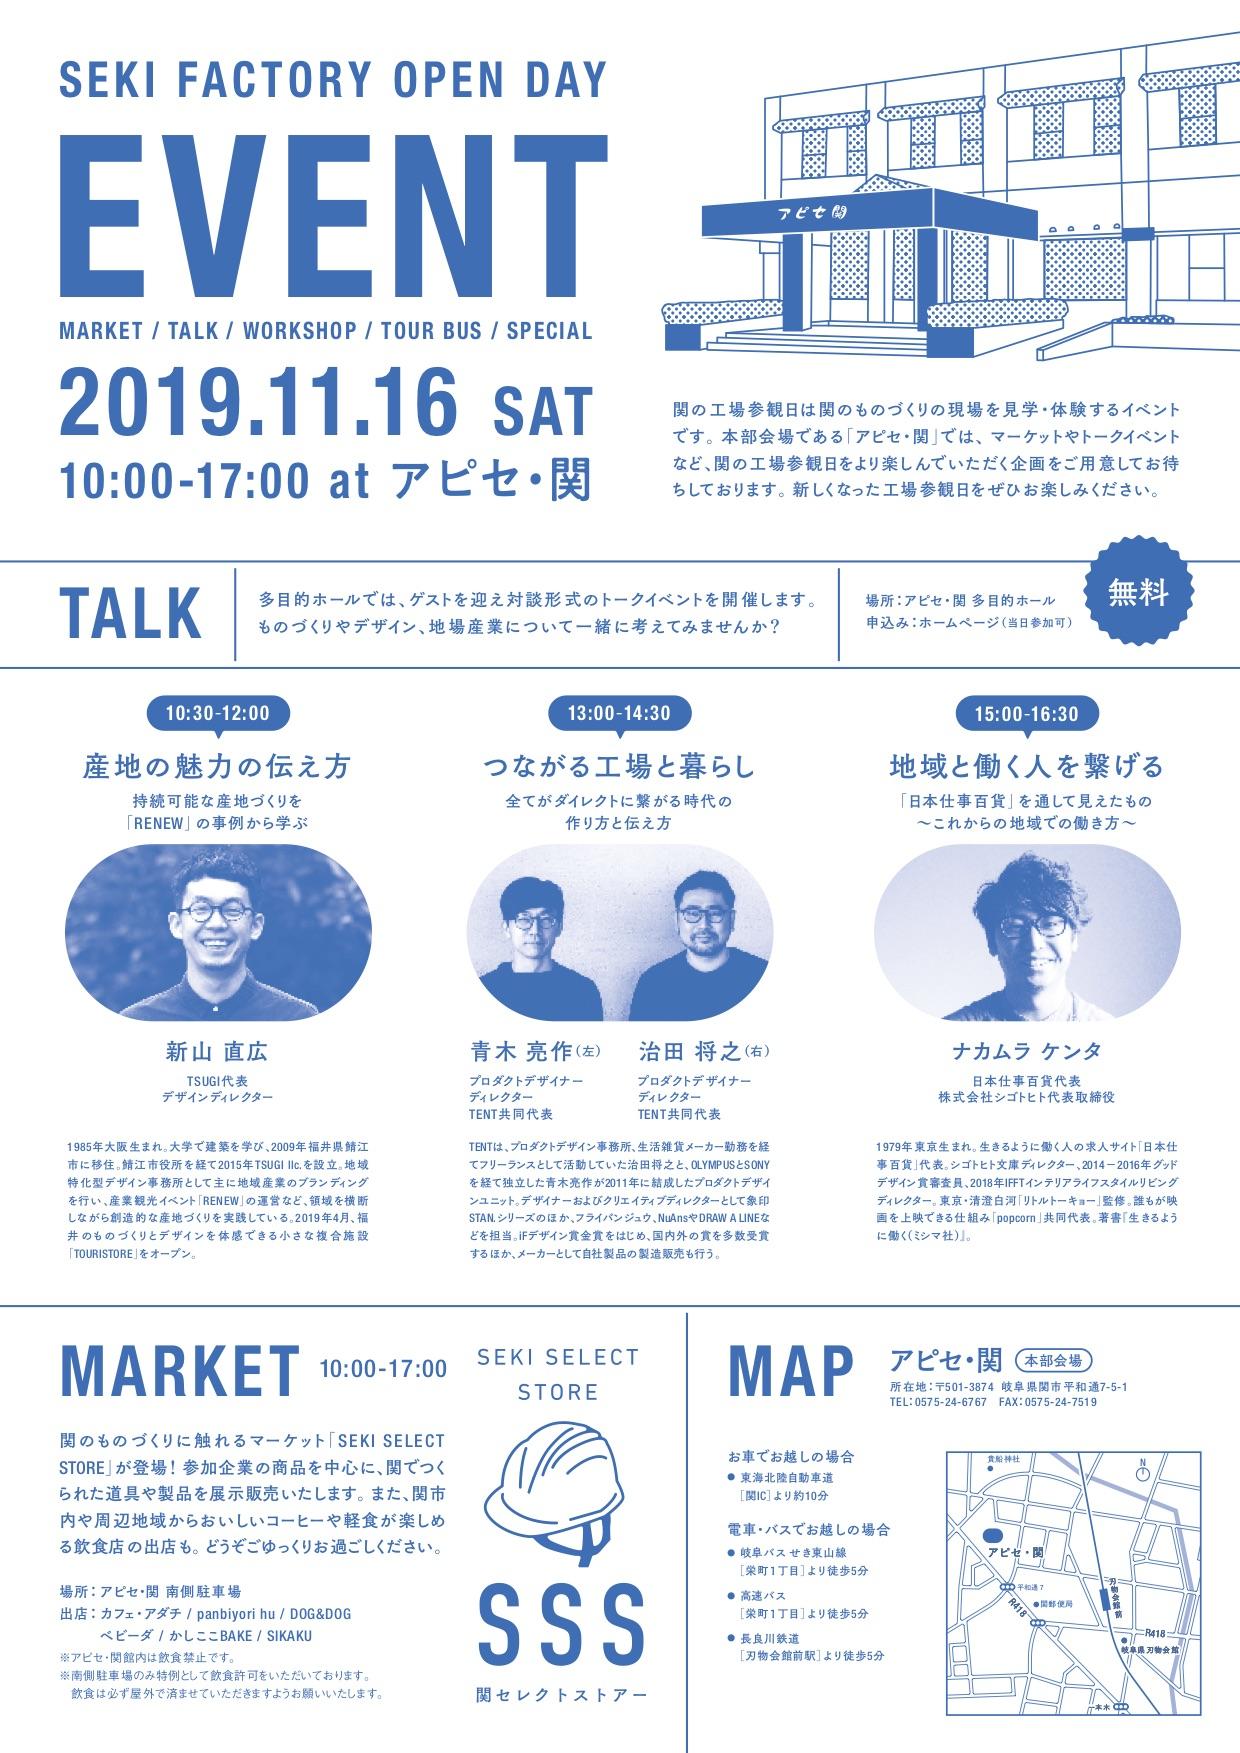 関の工場参観日2019 トークイベント